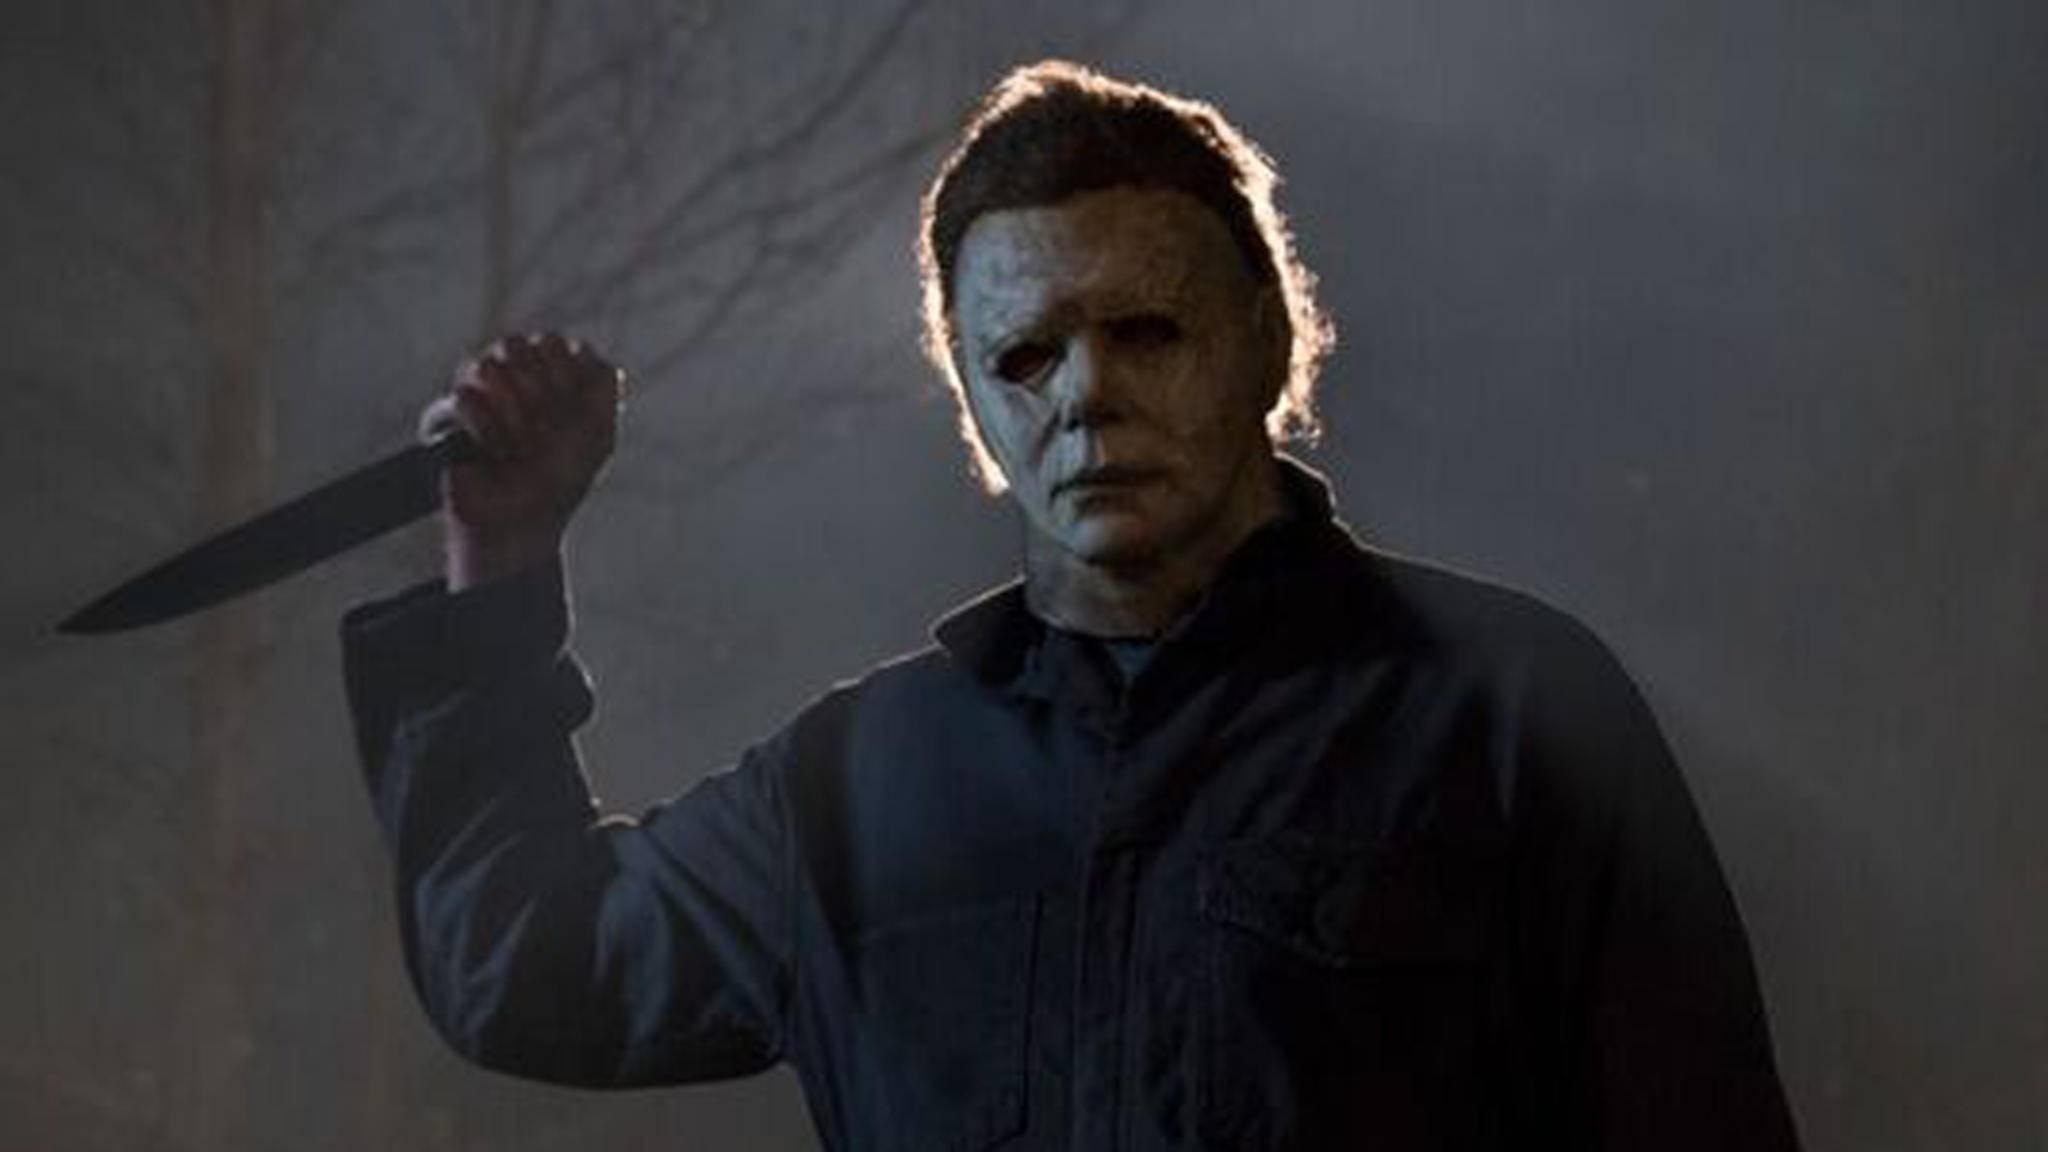 Ab dem 25. Oktober treibt Michael Myers wieder sein Unwesen in den Kinos.